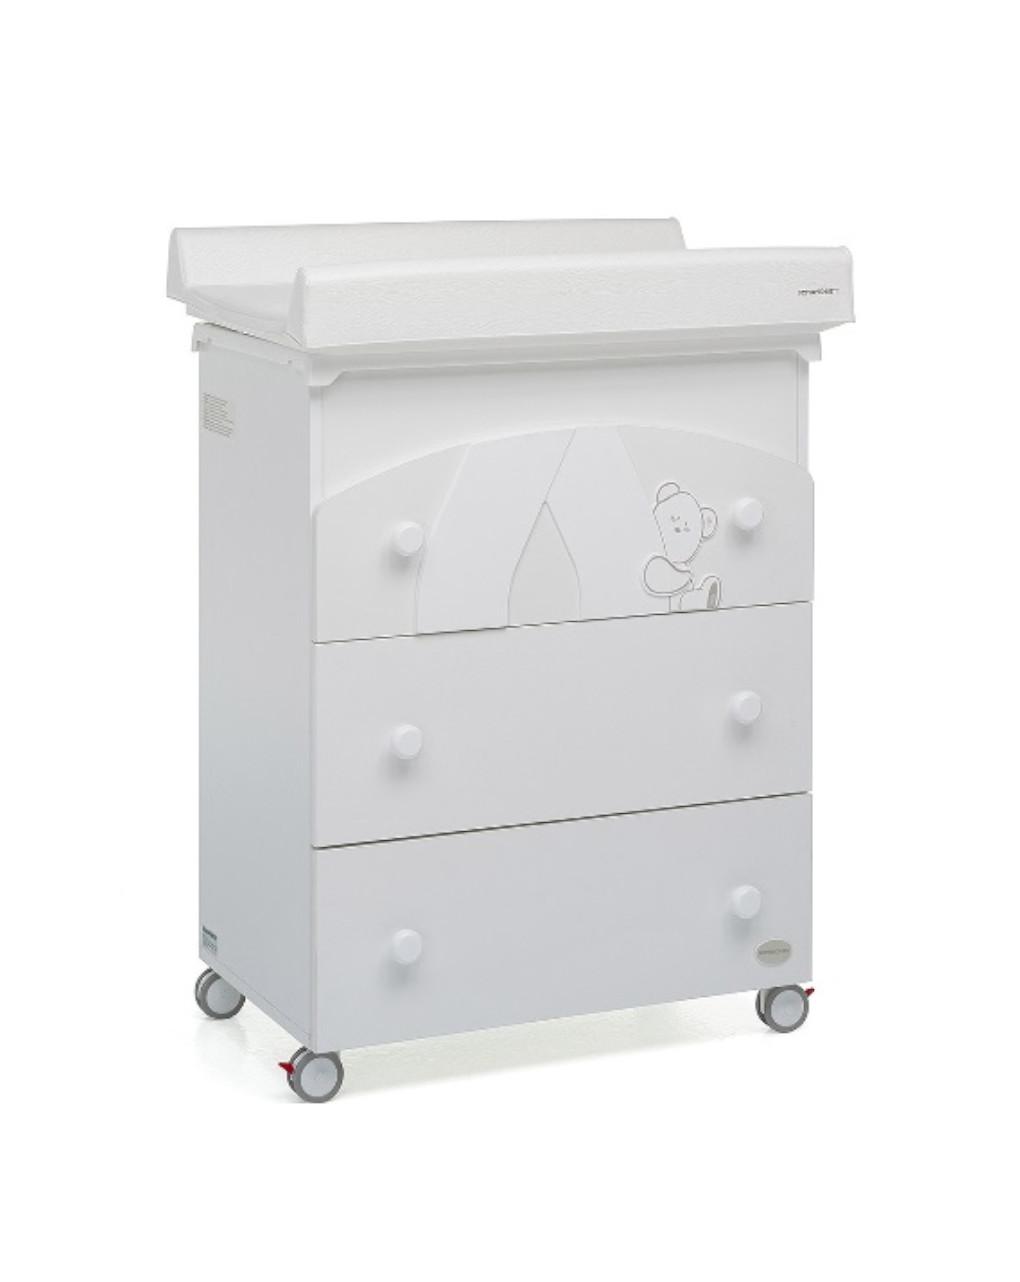 Bagnetto cassettiera giocoso bianco - Foppapedretti